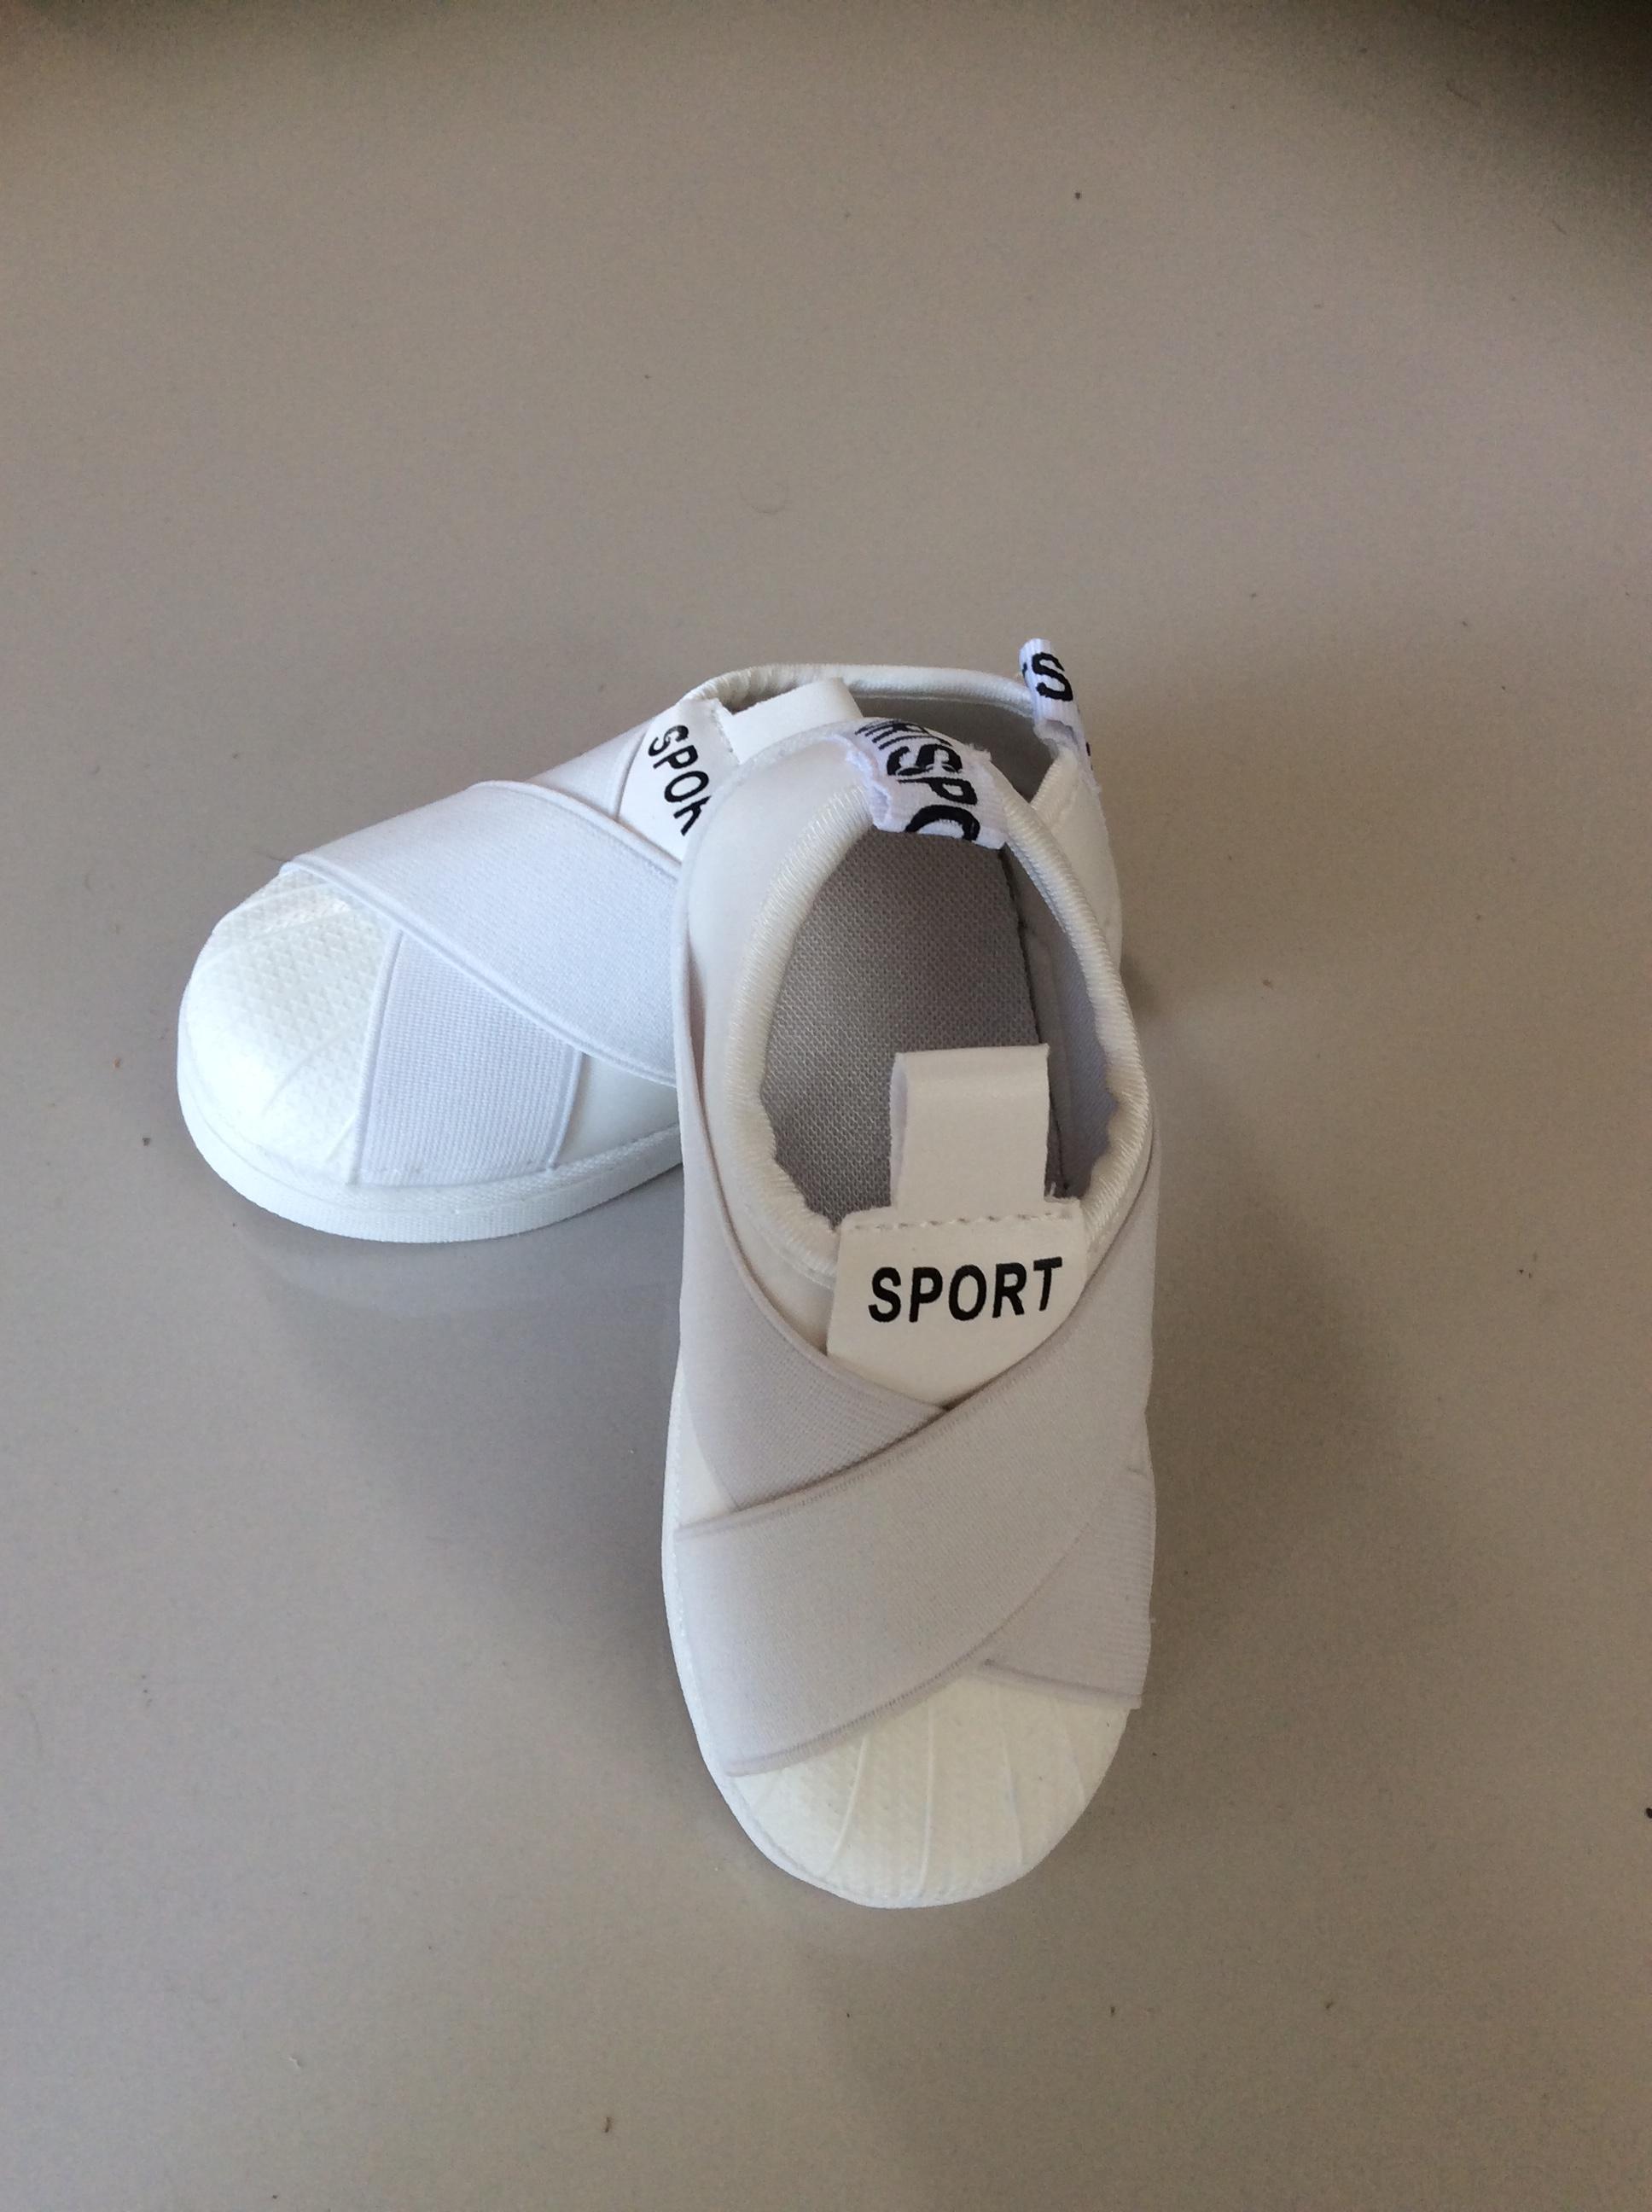 รองเท้า SPORT SLIP ON